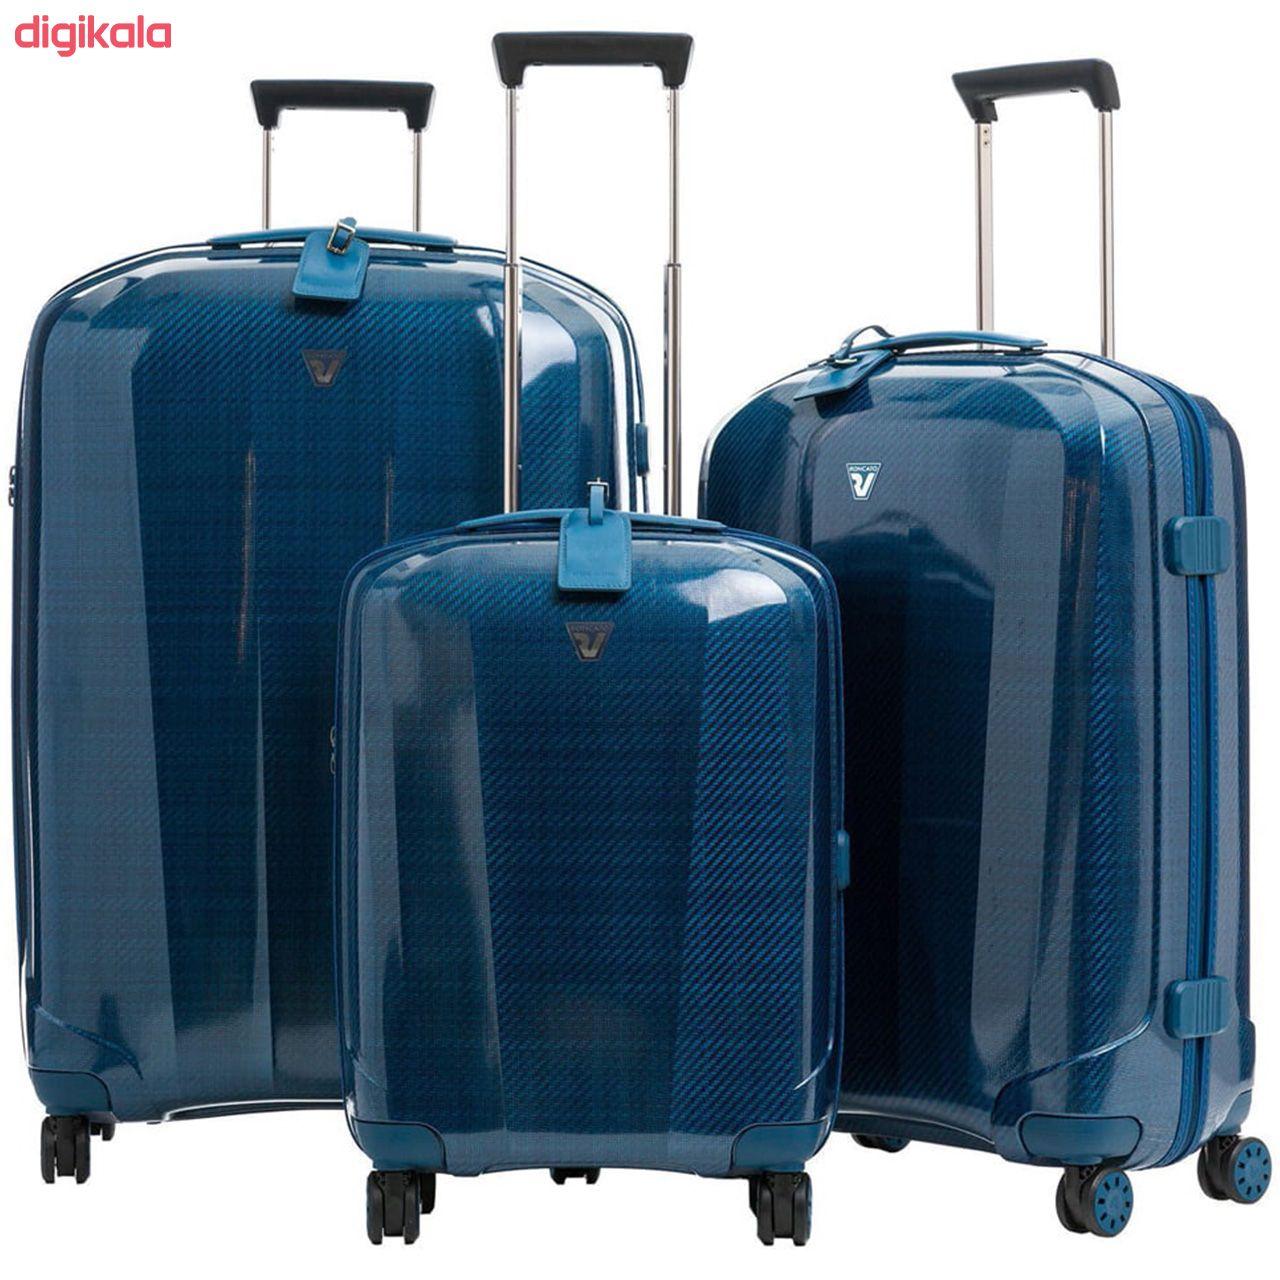 مجموعه سه عددی چمدان رونکاتو مدل 5950 main 1 3